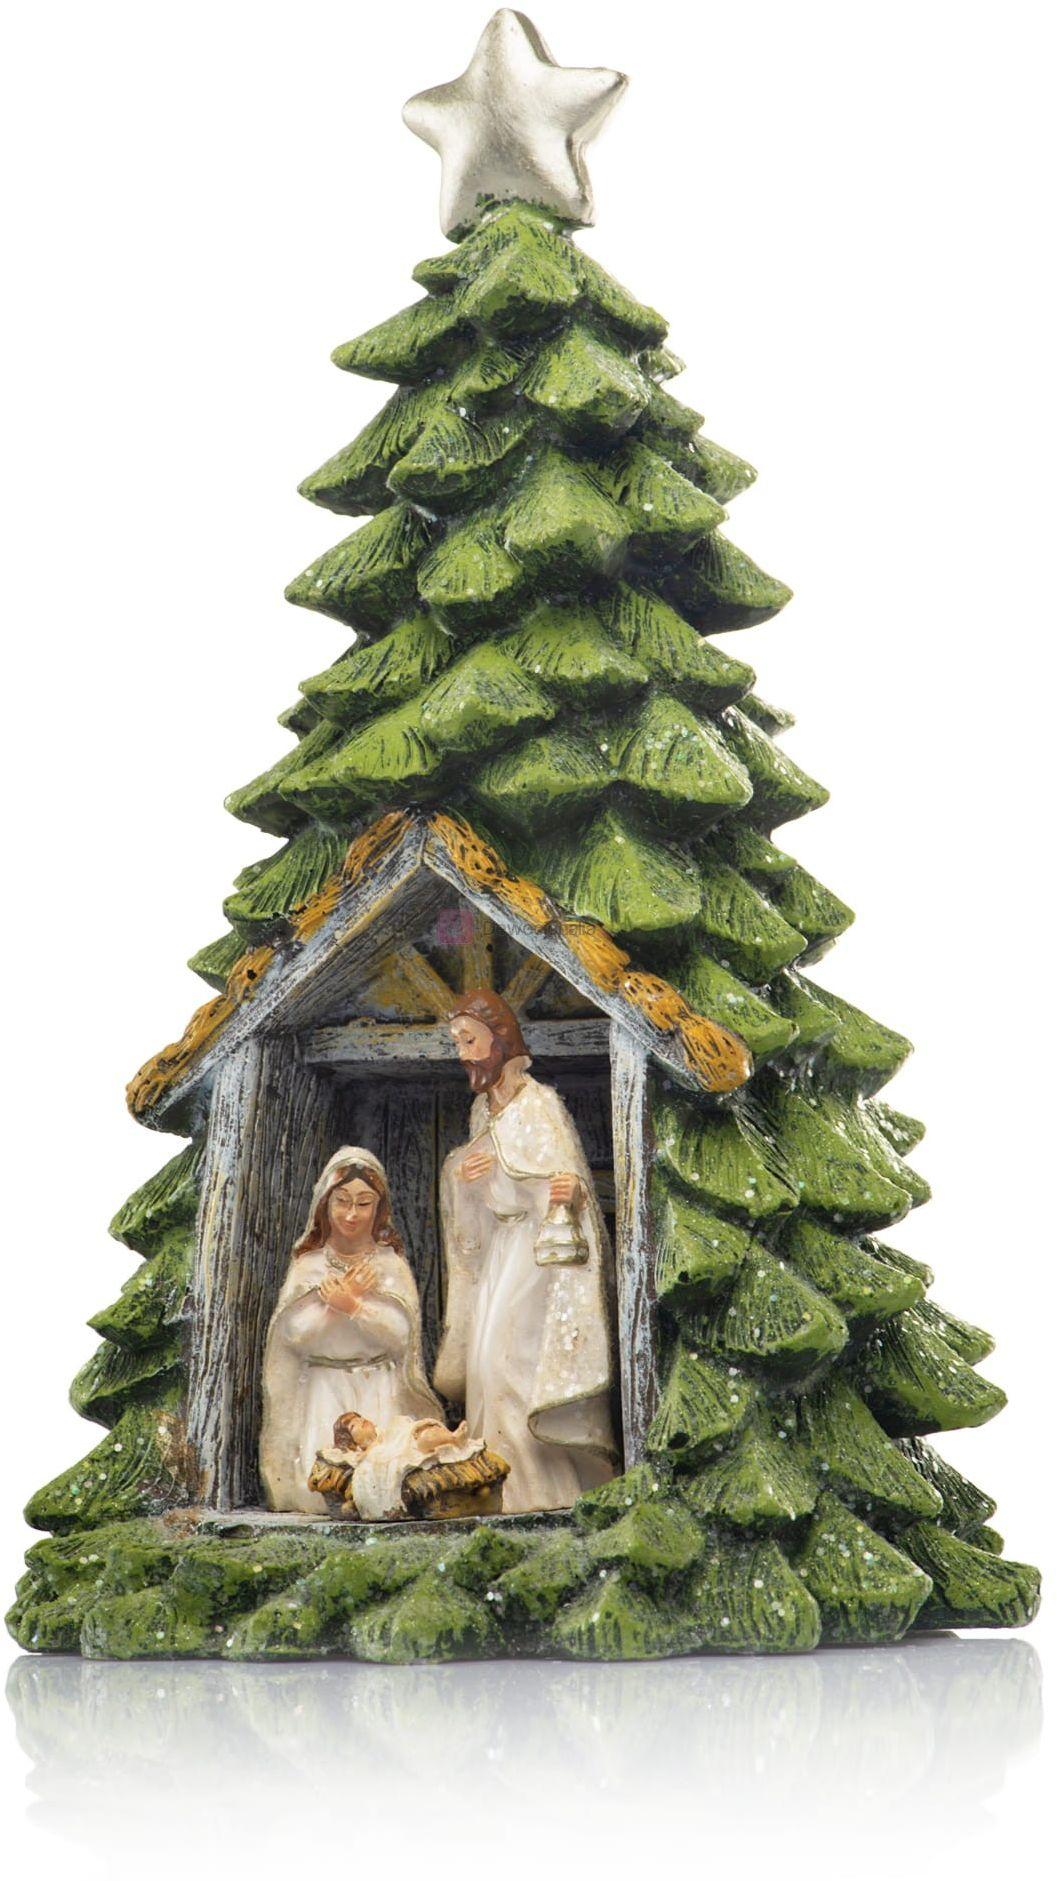 Figurka - choinka - Święta Rodzina - świecąca - 25 cm